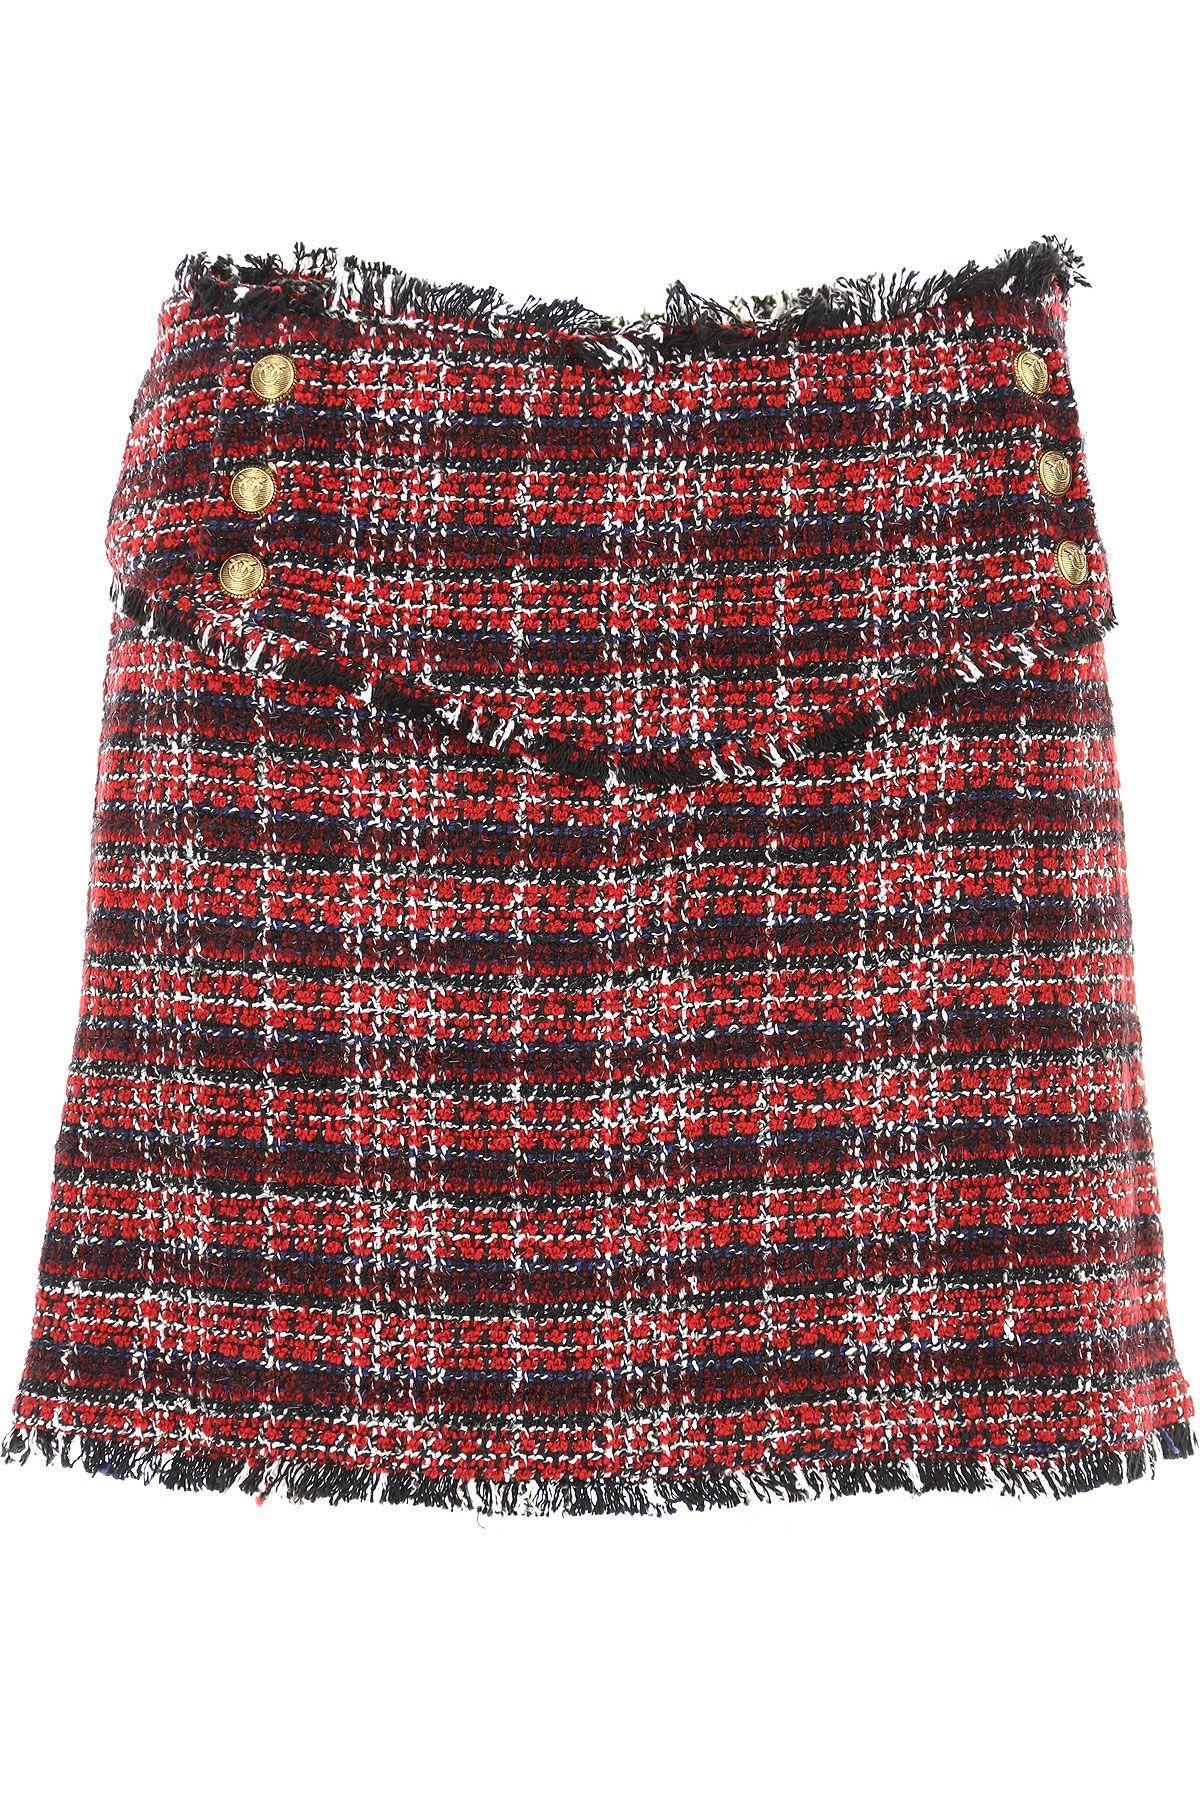 cf5a0ff7684f Negozio di Abbigliamento Pinko Donna Online della Collezione Autunno -  Inverno 2018 19 o in